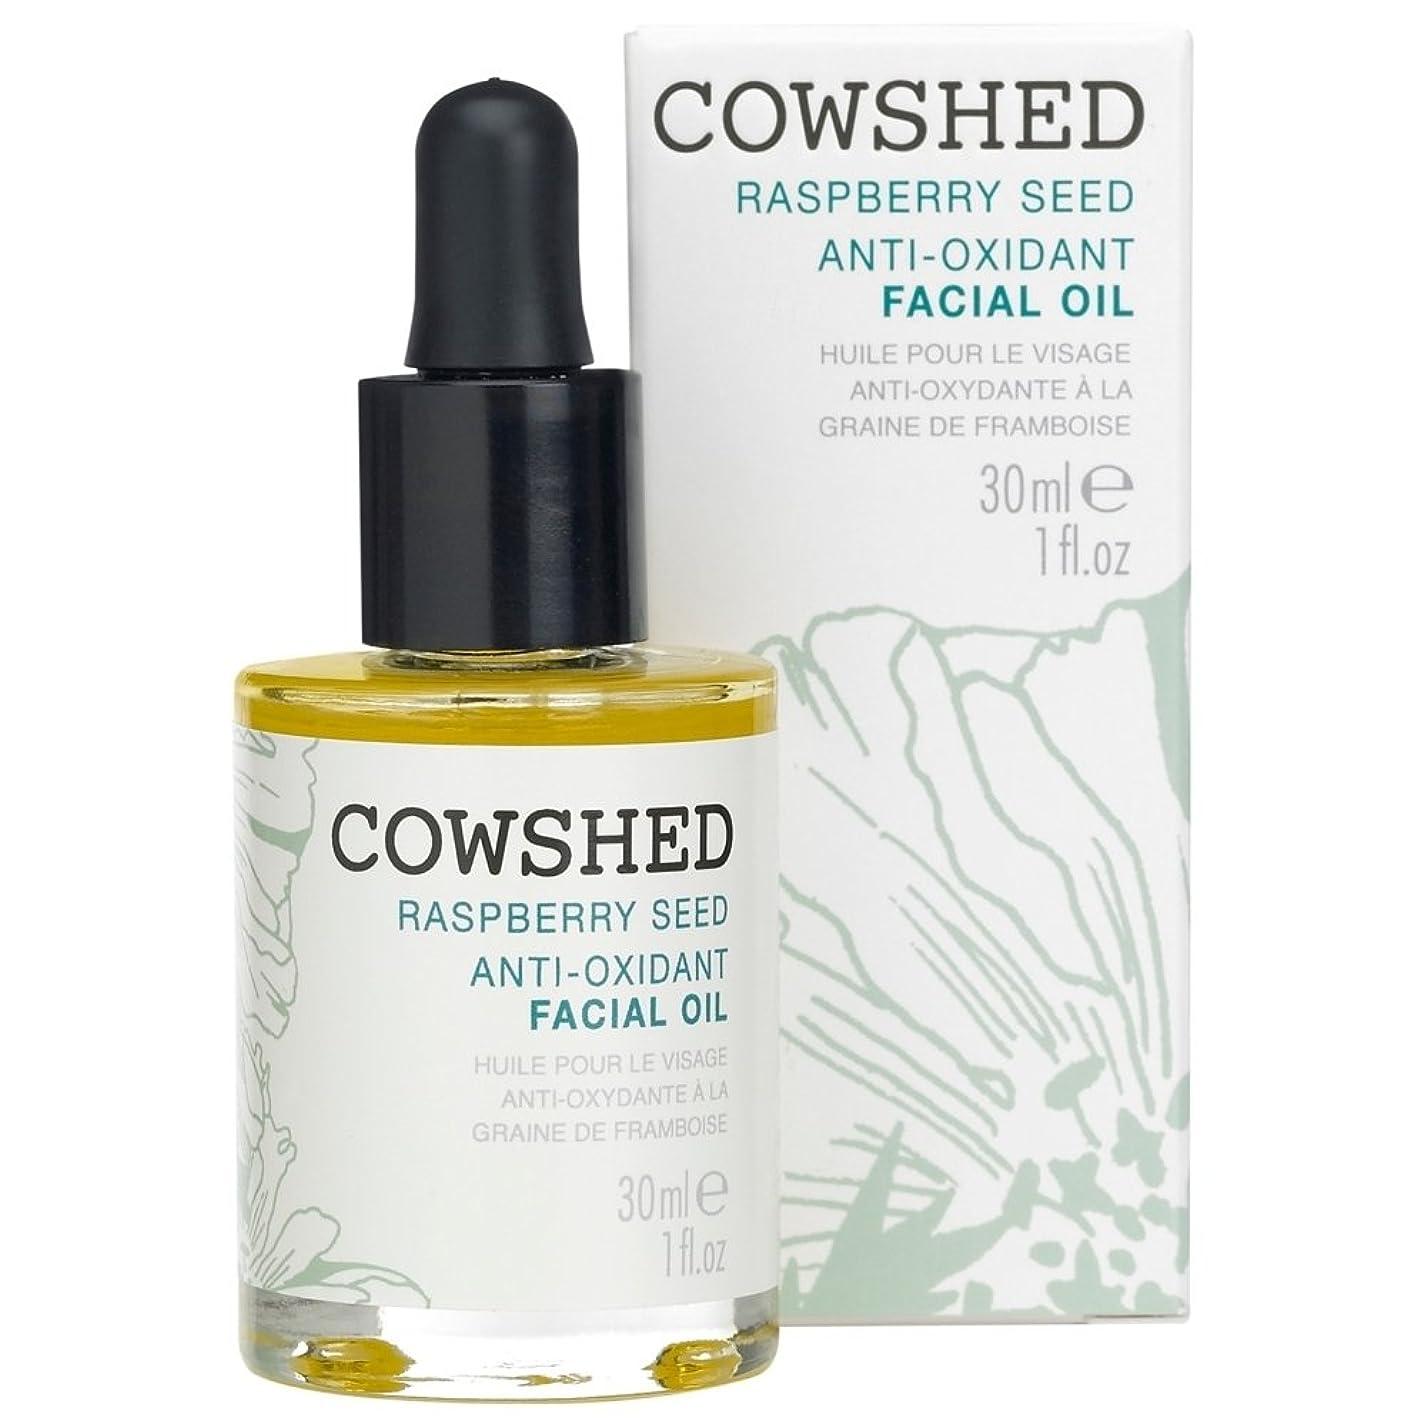 カリングたぶん主張牛舎ラズベリーシード抗酸化フェイシャルオイル30ミリリットル (Cowshed) (x2) - Cowshed Raspberry Seed Anti-Oxidant Facial Oil 30ml (Pack of 2) [並行輸入品]